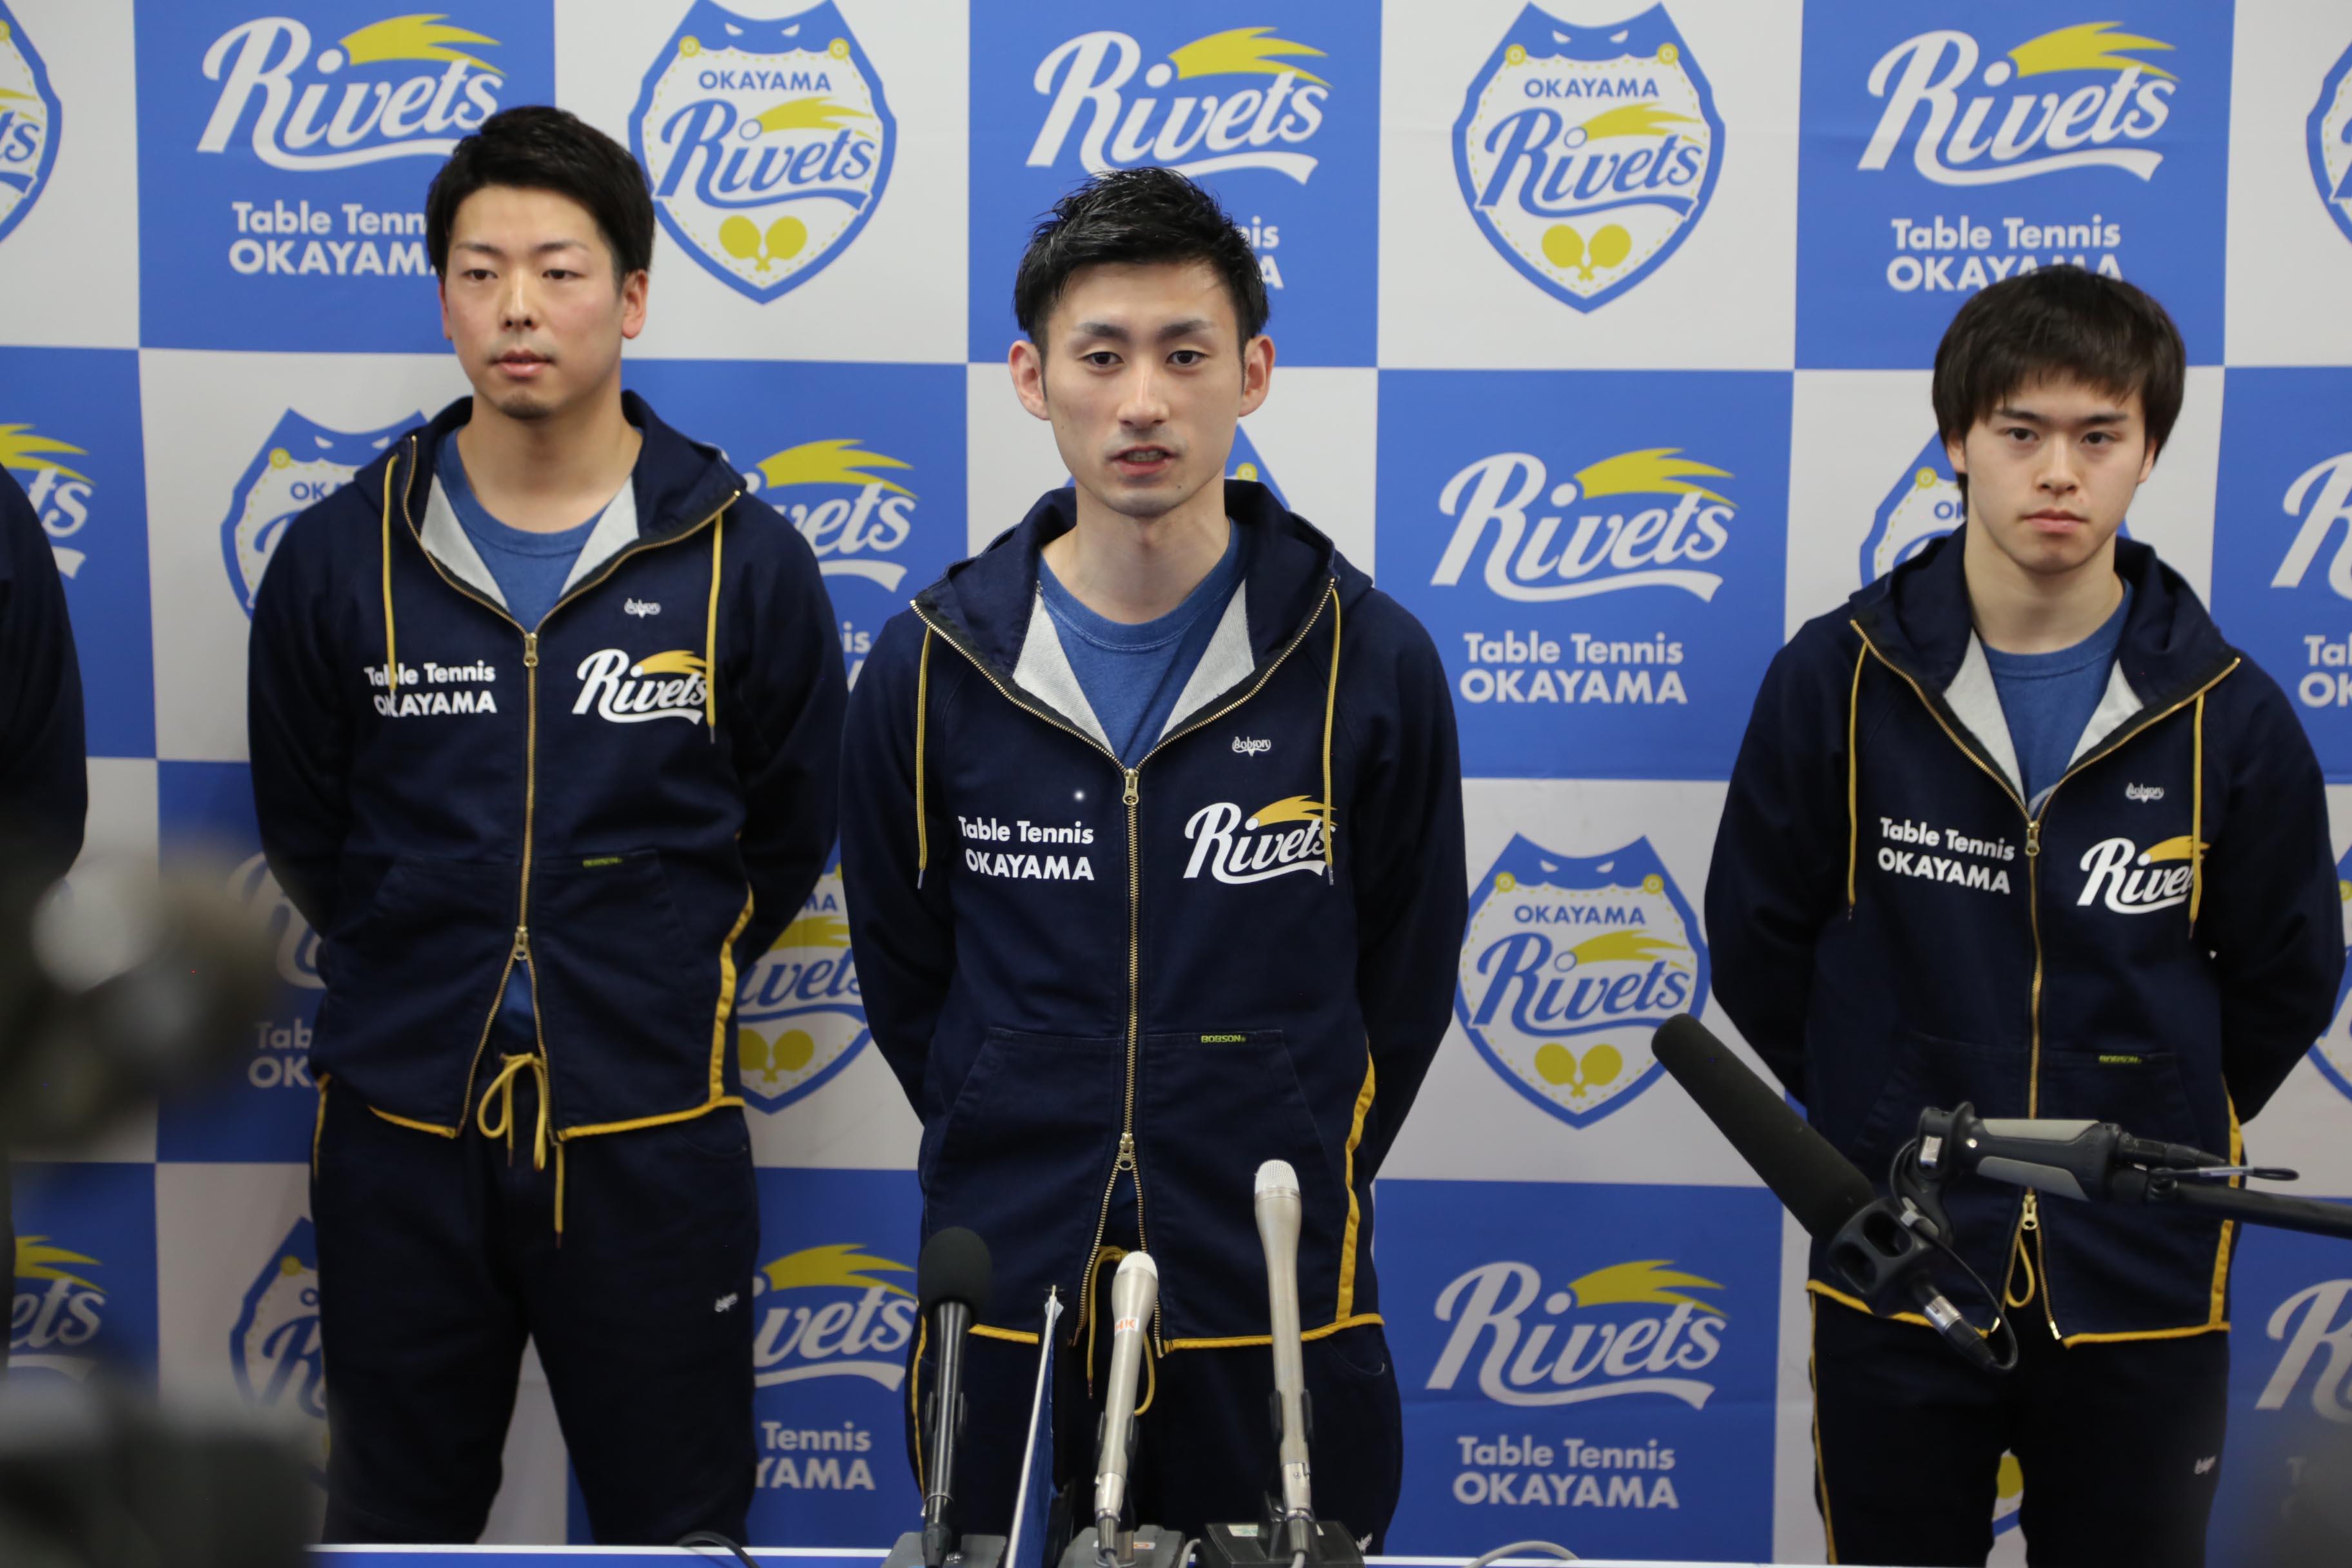 【Tリーグ 岡山リベッツに新選手加入】